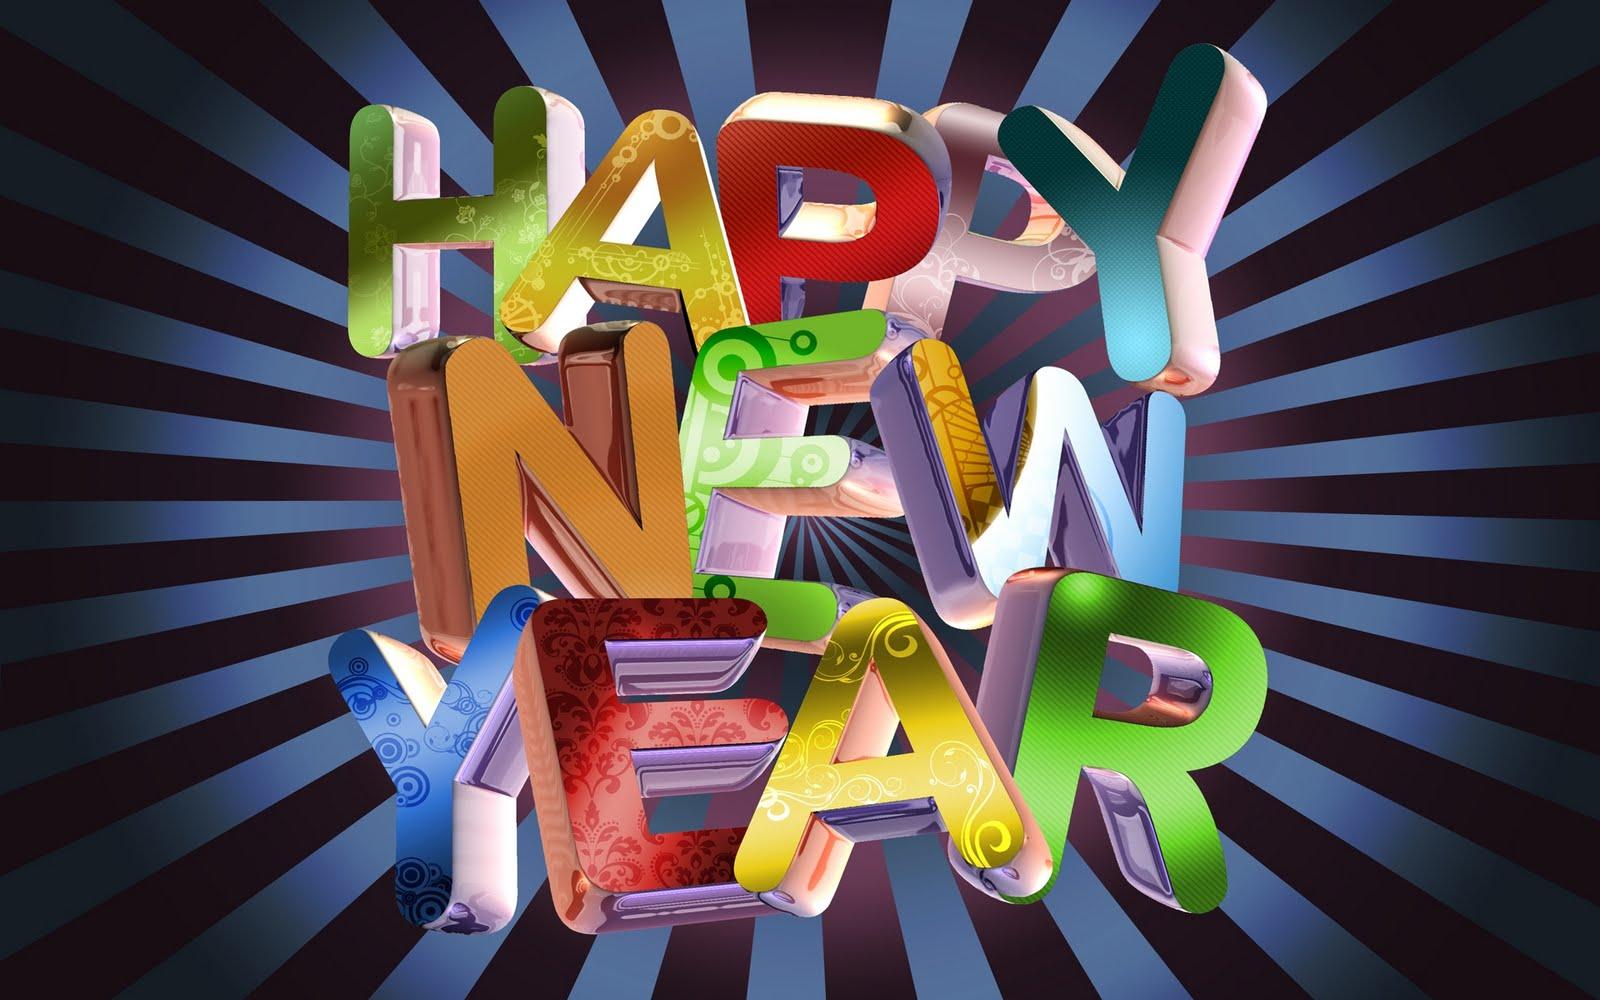 http://4.bp.blogspot.com/-hsjwyoiRkCo/TvDn0HF918I/AAAAAAAAtDk/EhBsnZWcDP8/s1600/happy-new-year-feliz-a%25C3%25B1o-nuevo.jpg